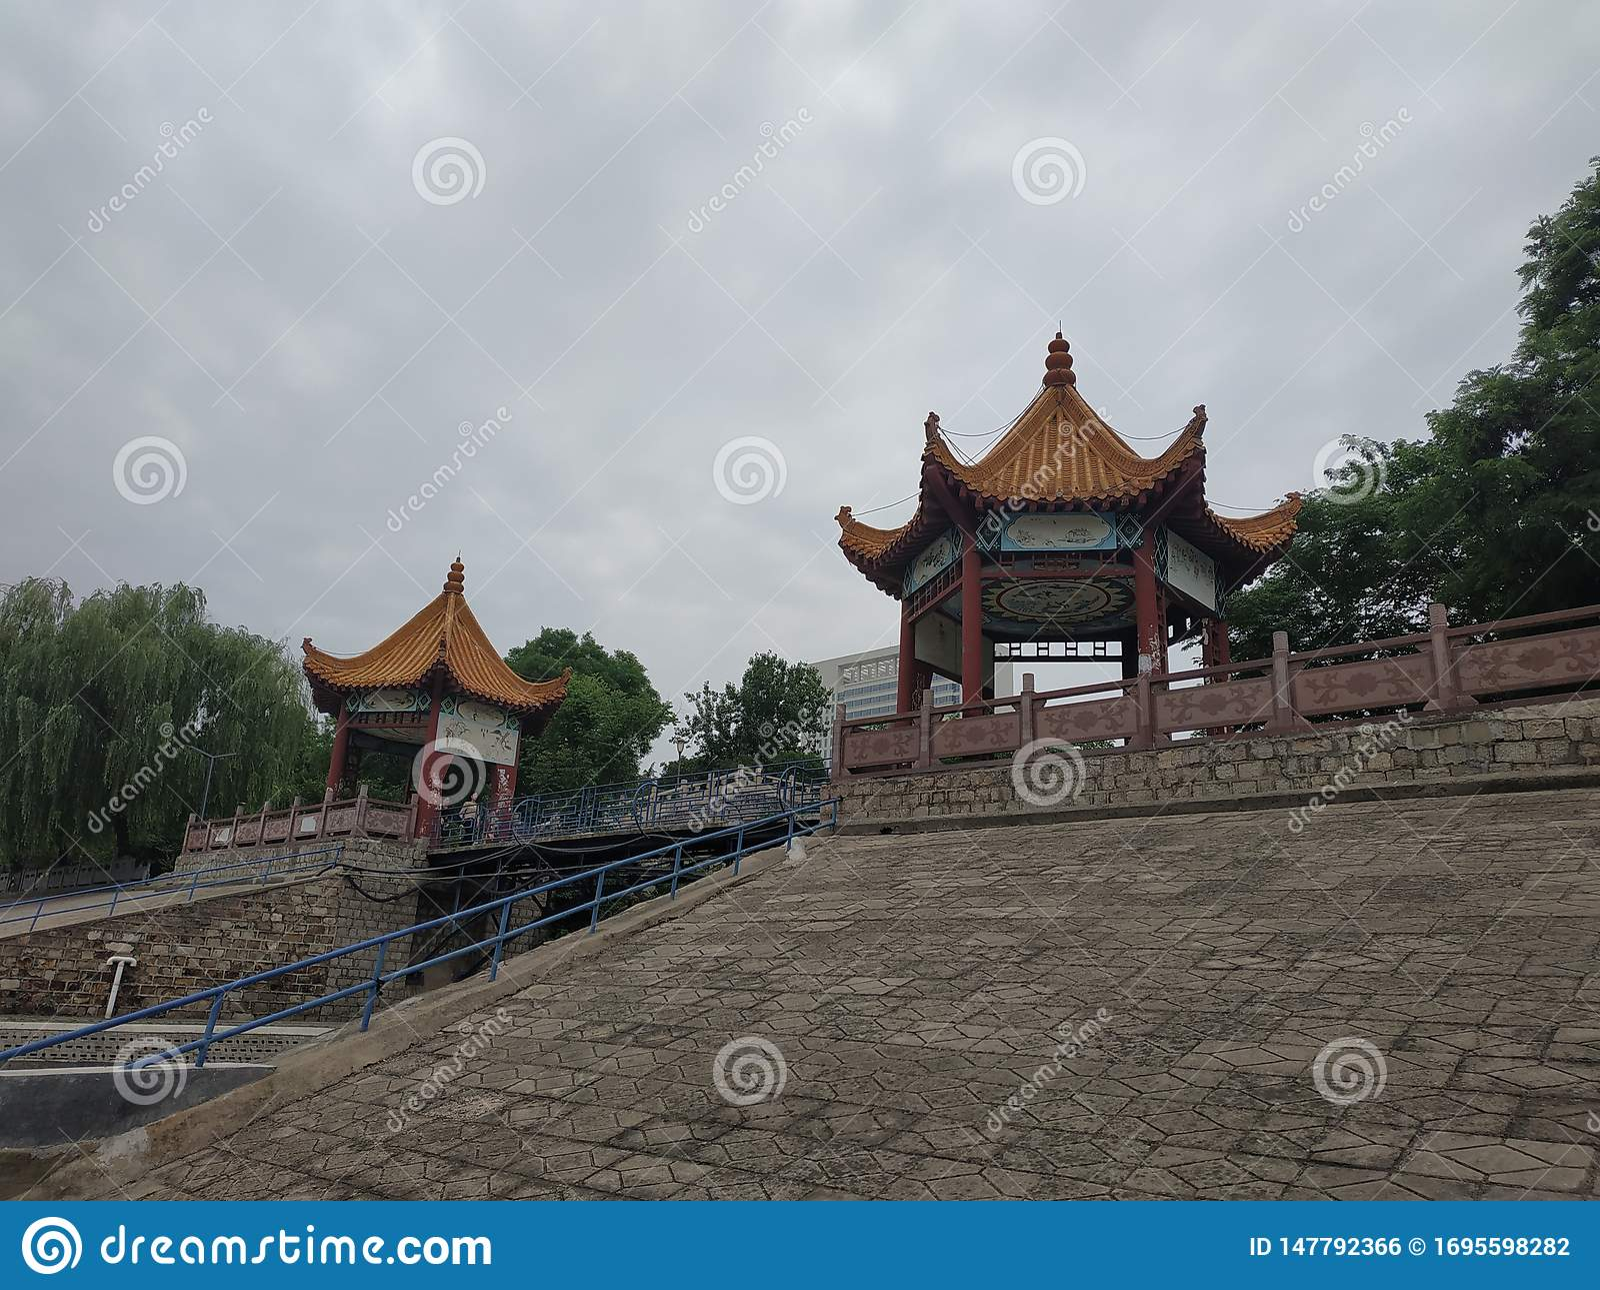 Há dois pavilhões no banco do rio no parque